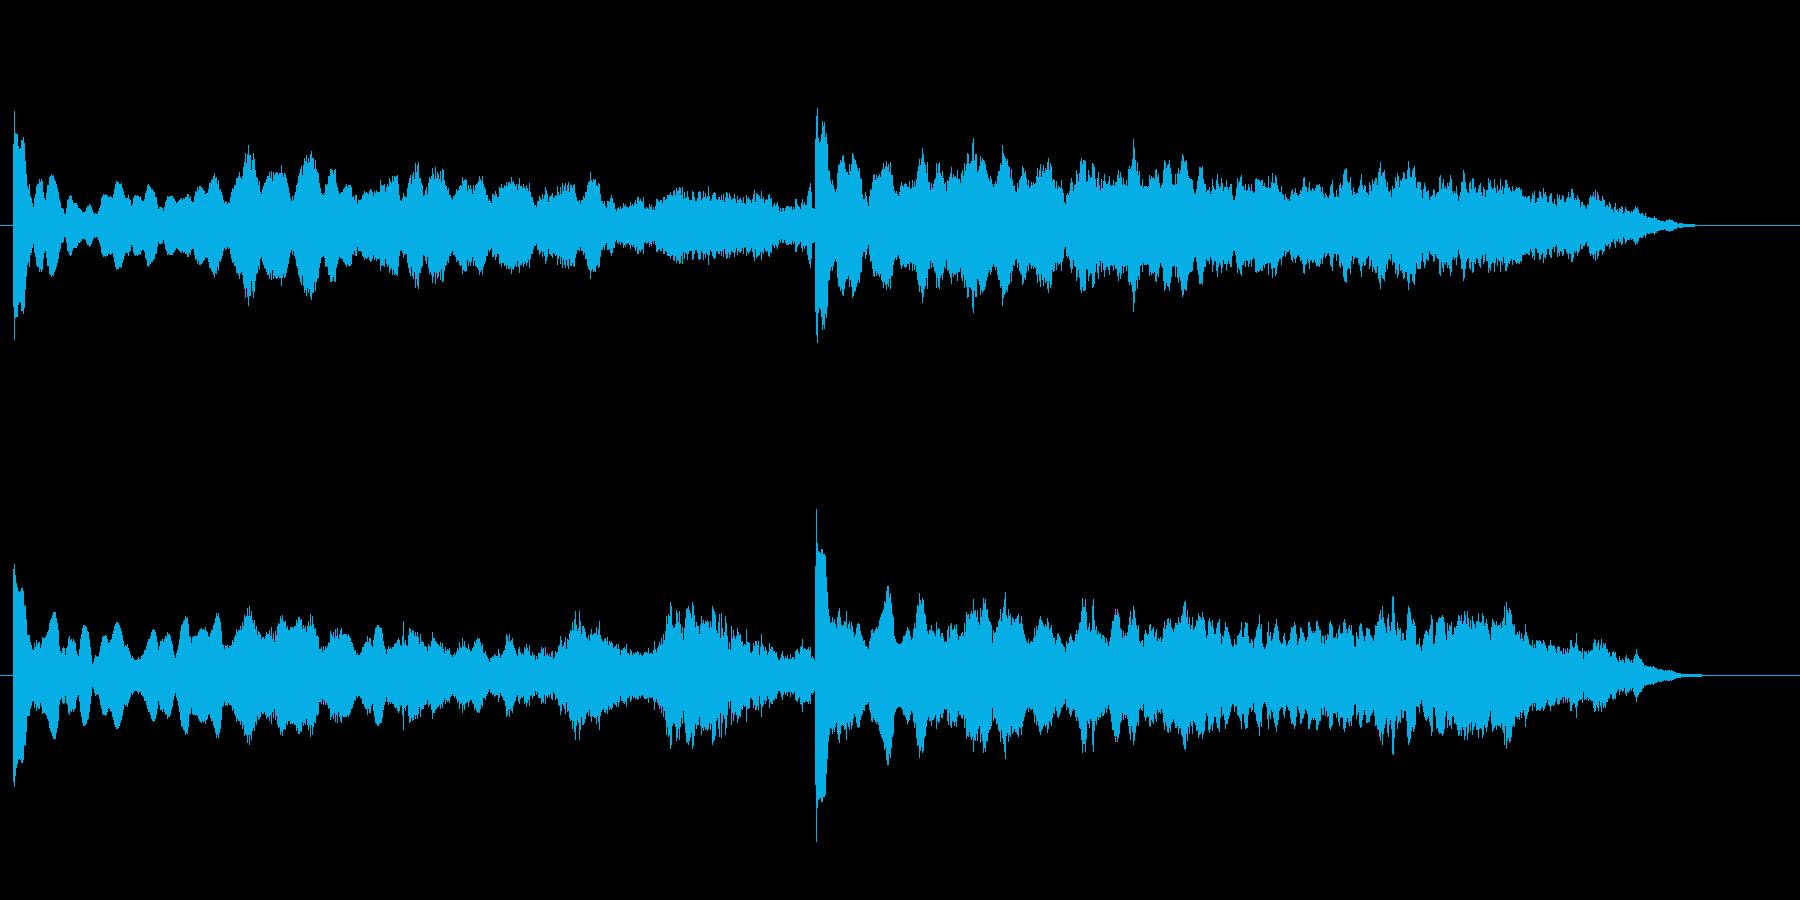 環境音楽(無機質な調べ)の再生済みの波形